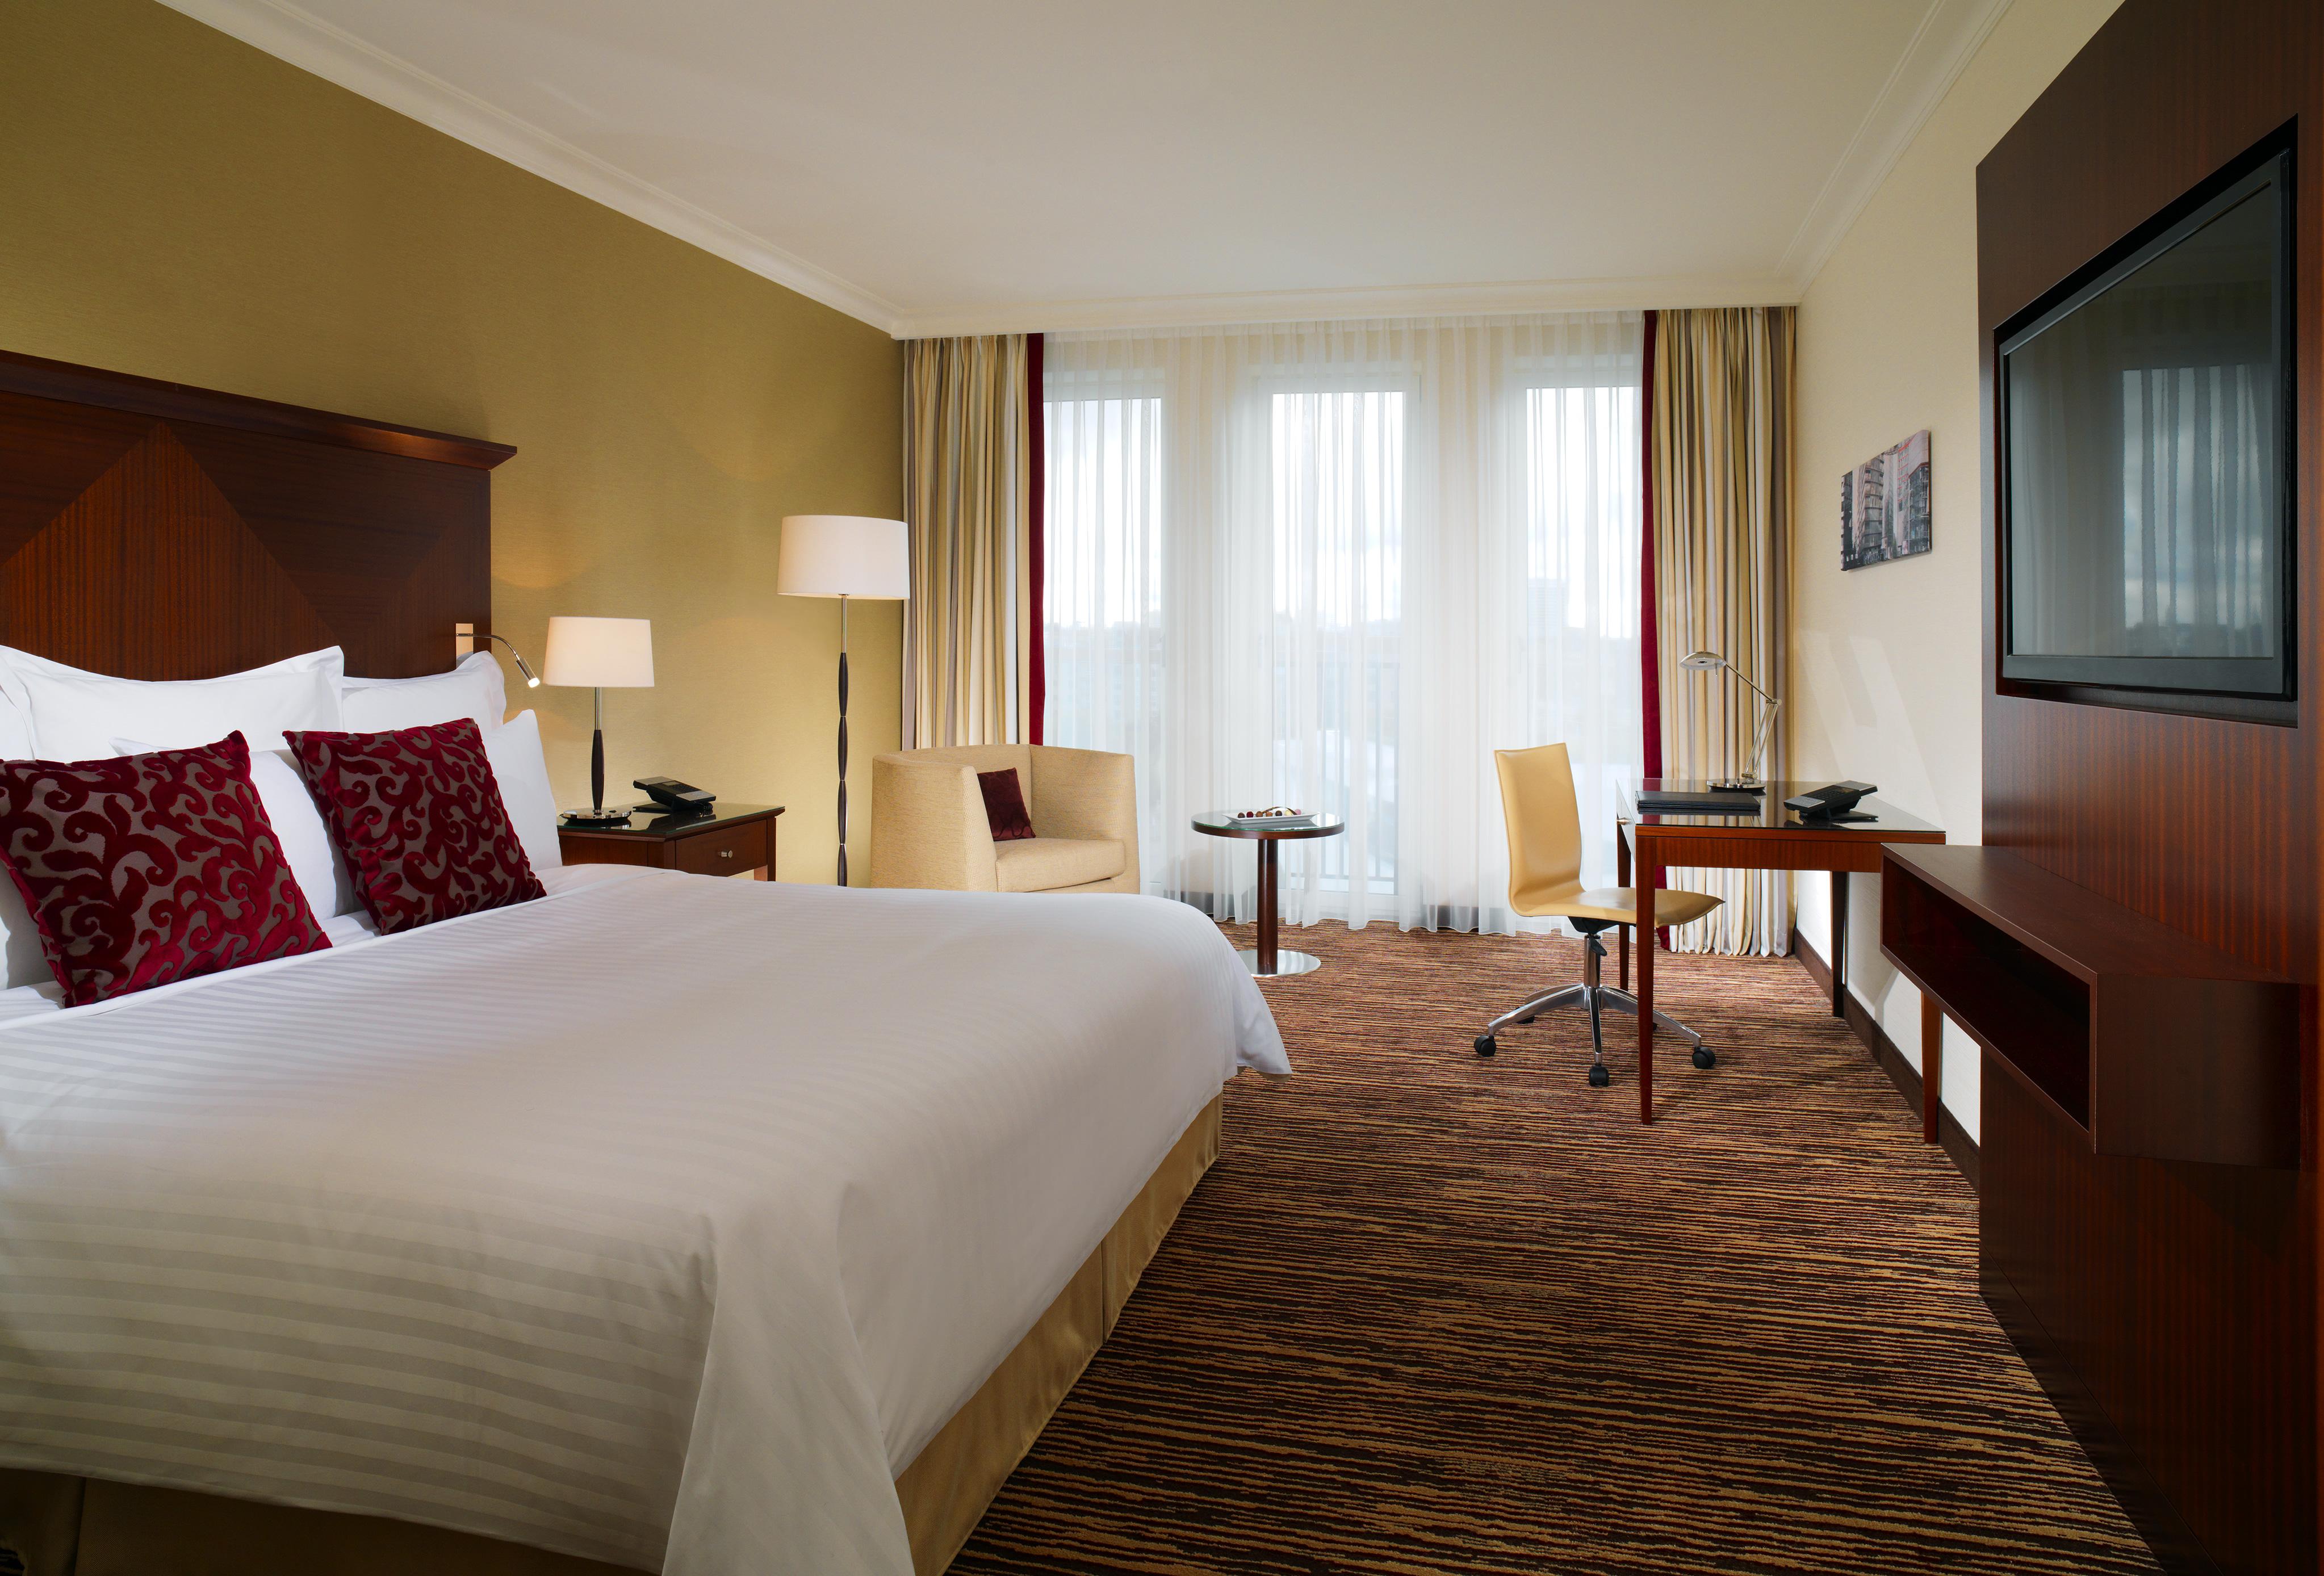 : Berlin Marriott Hotel präsentiert 225 modernisierte Hotelzimmer im ...